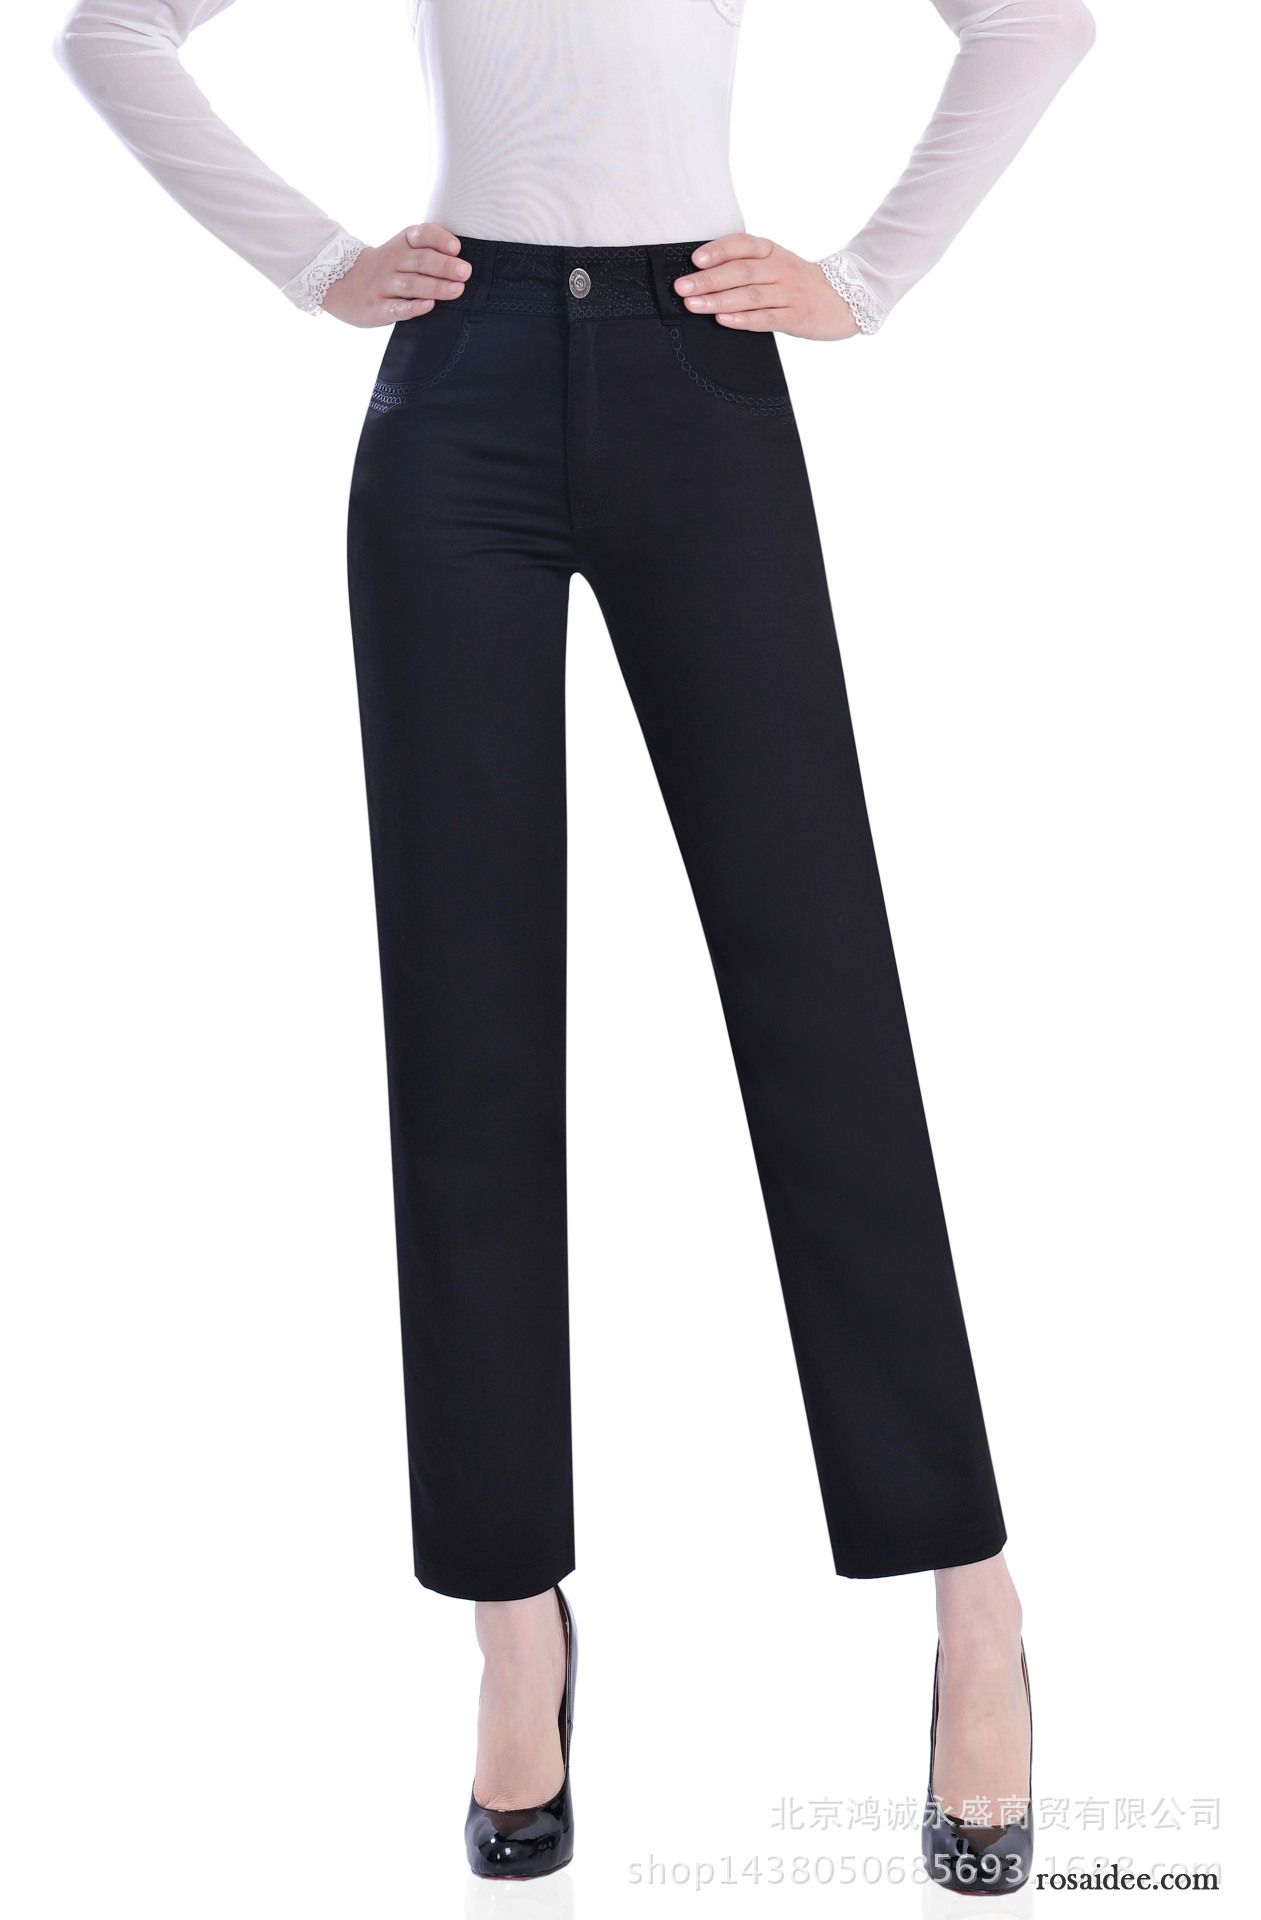 36dd1fd3602799 Leichte Mode Sommerhose Damen Rein Damen Elastisch Freizeit Feder Sommer  Baumwolle Neunte Hose Hohe Taille Gerade Kaufen